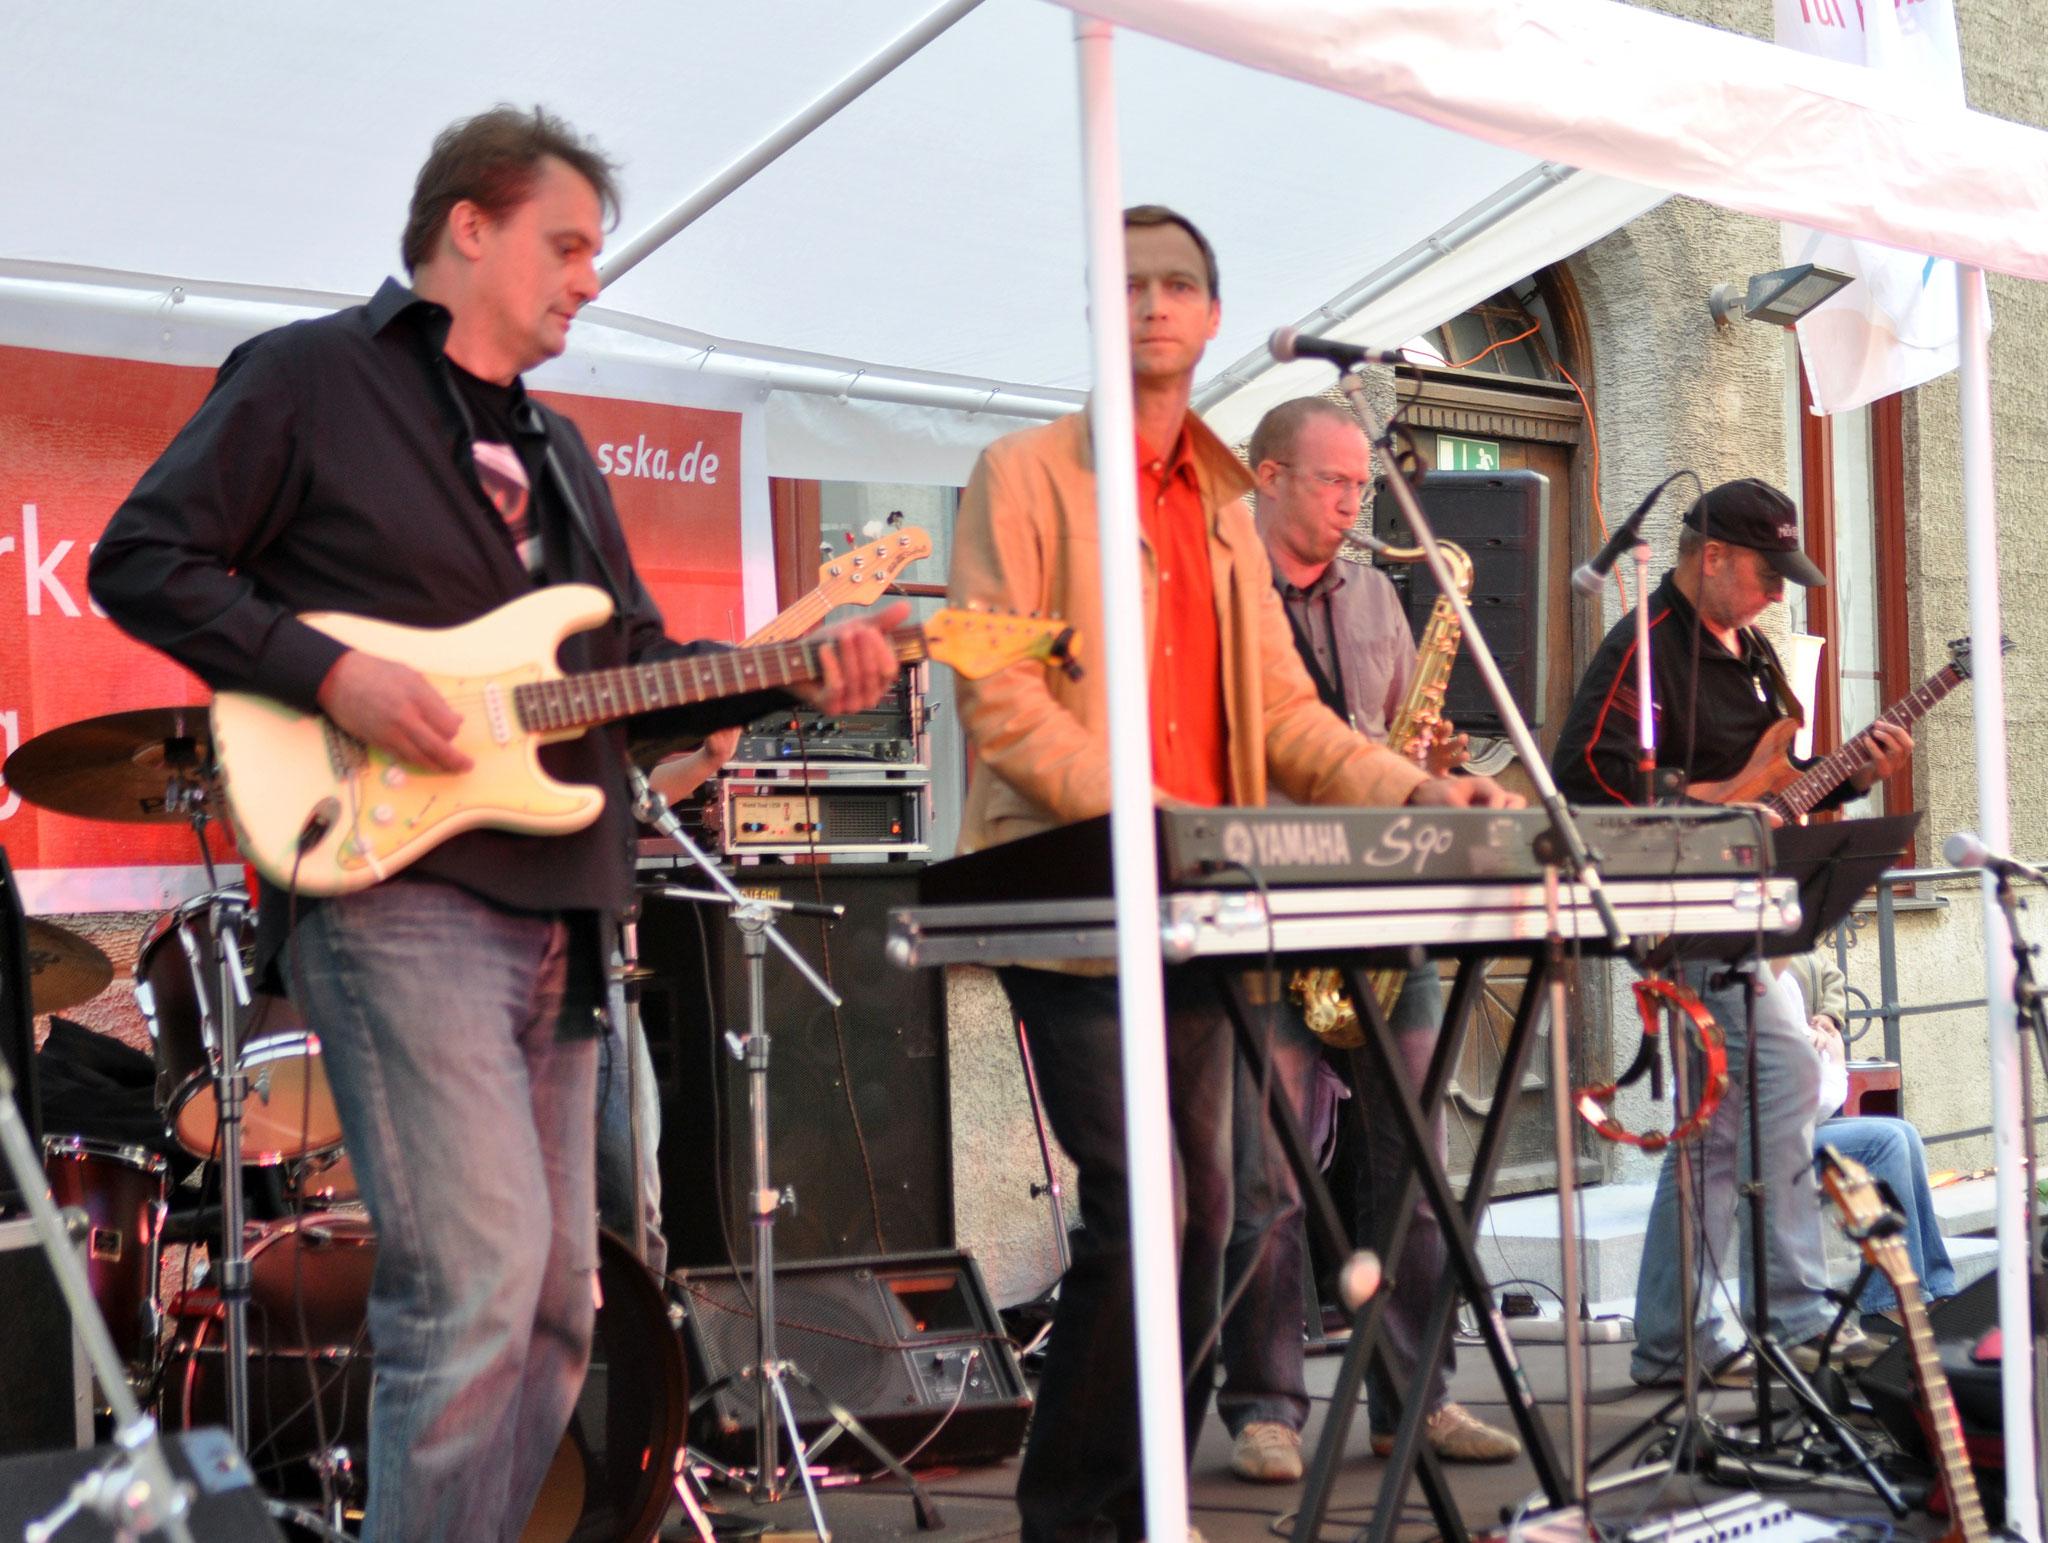 Konzerte im Bürgerhof 15.07.11 Tabu - Freiwilligen-Zentrum Augsburg - Foto: Martin Schönberger